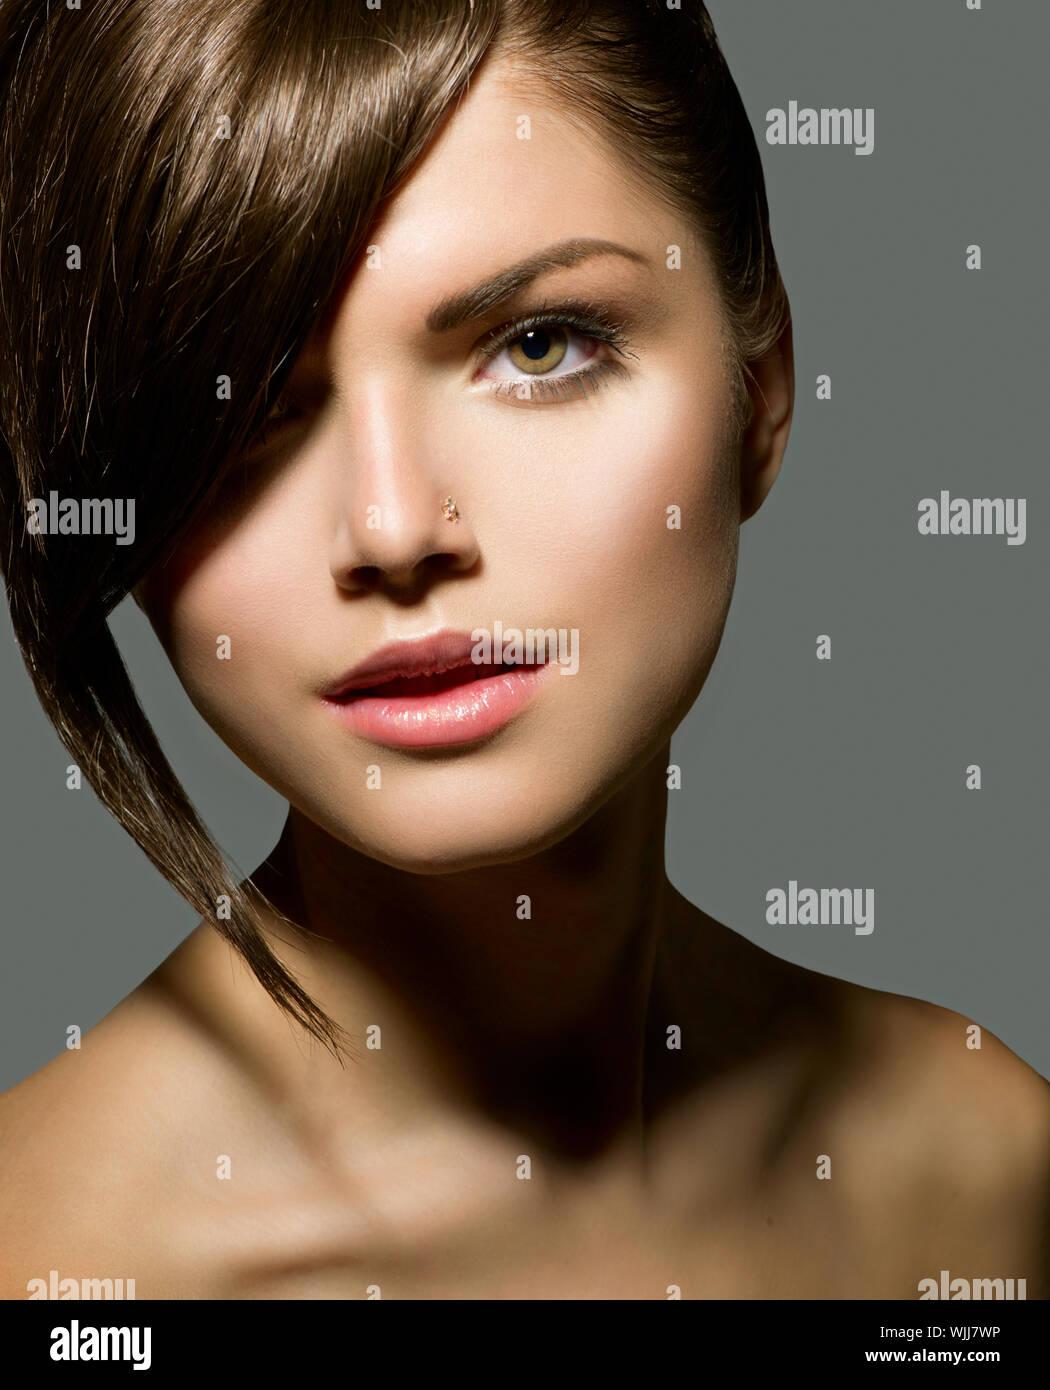 Stylish Fringe Teenage Girl With Short Hair Style Stock Photo Alamy